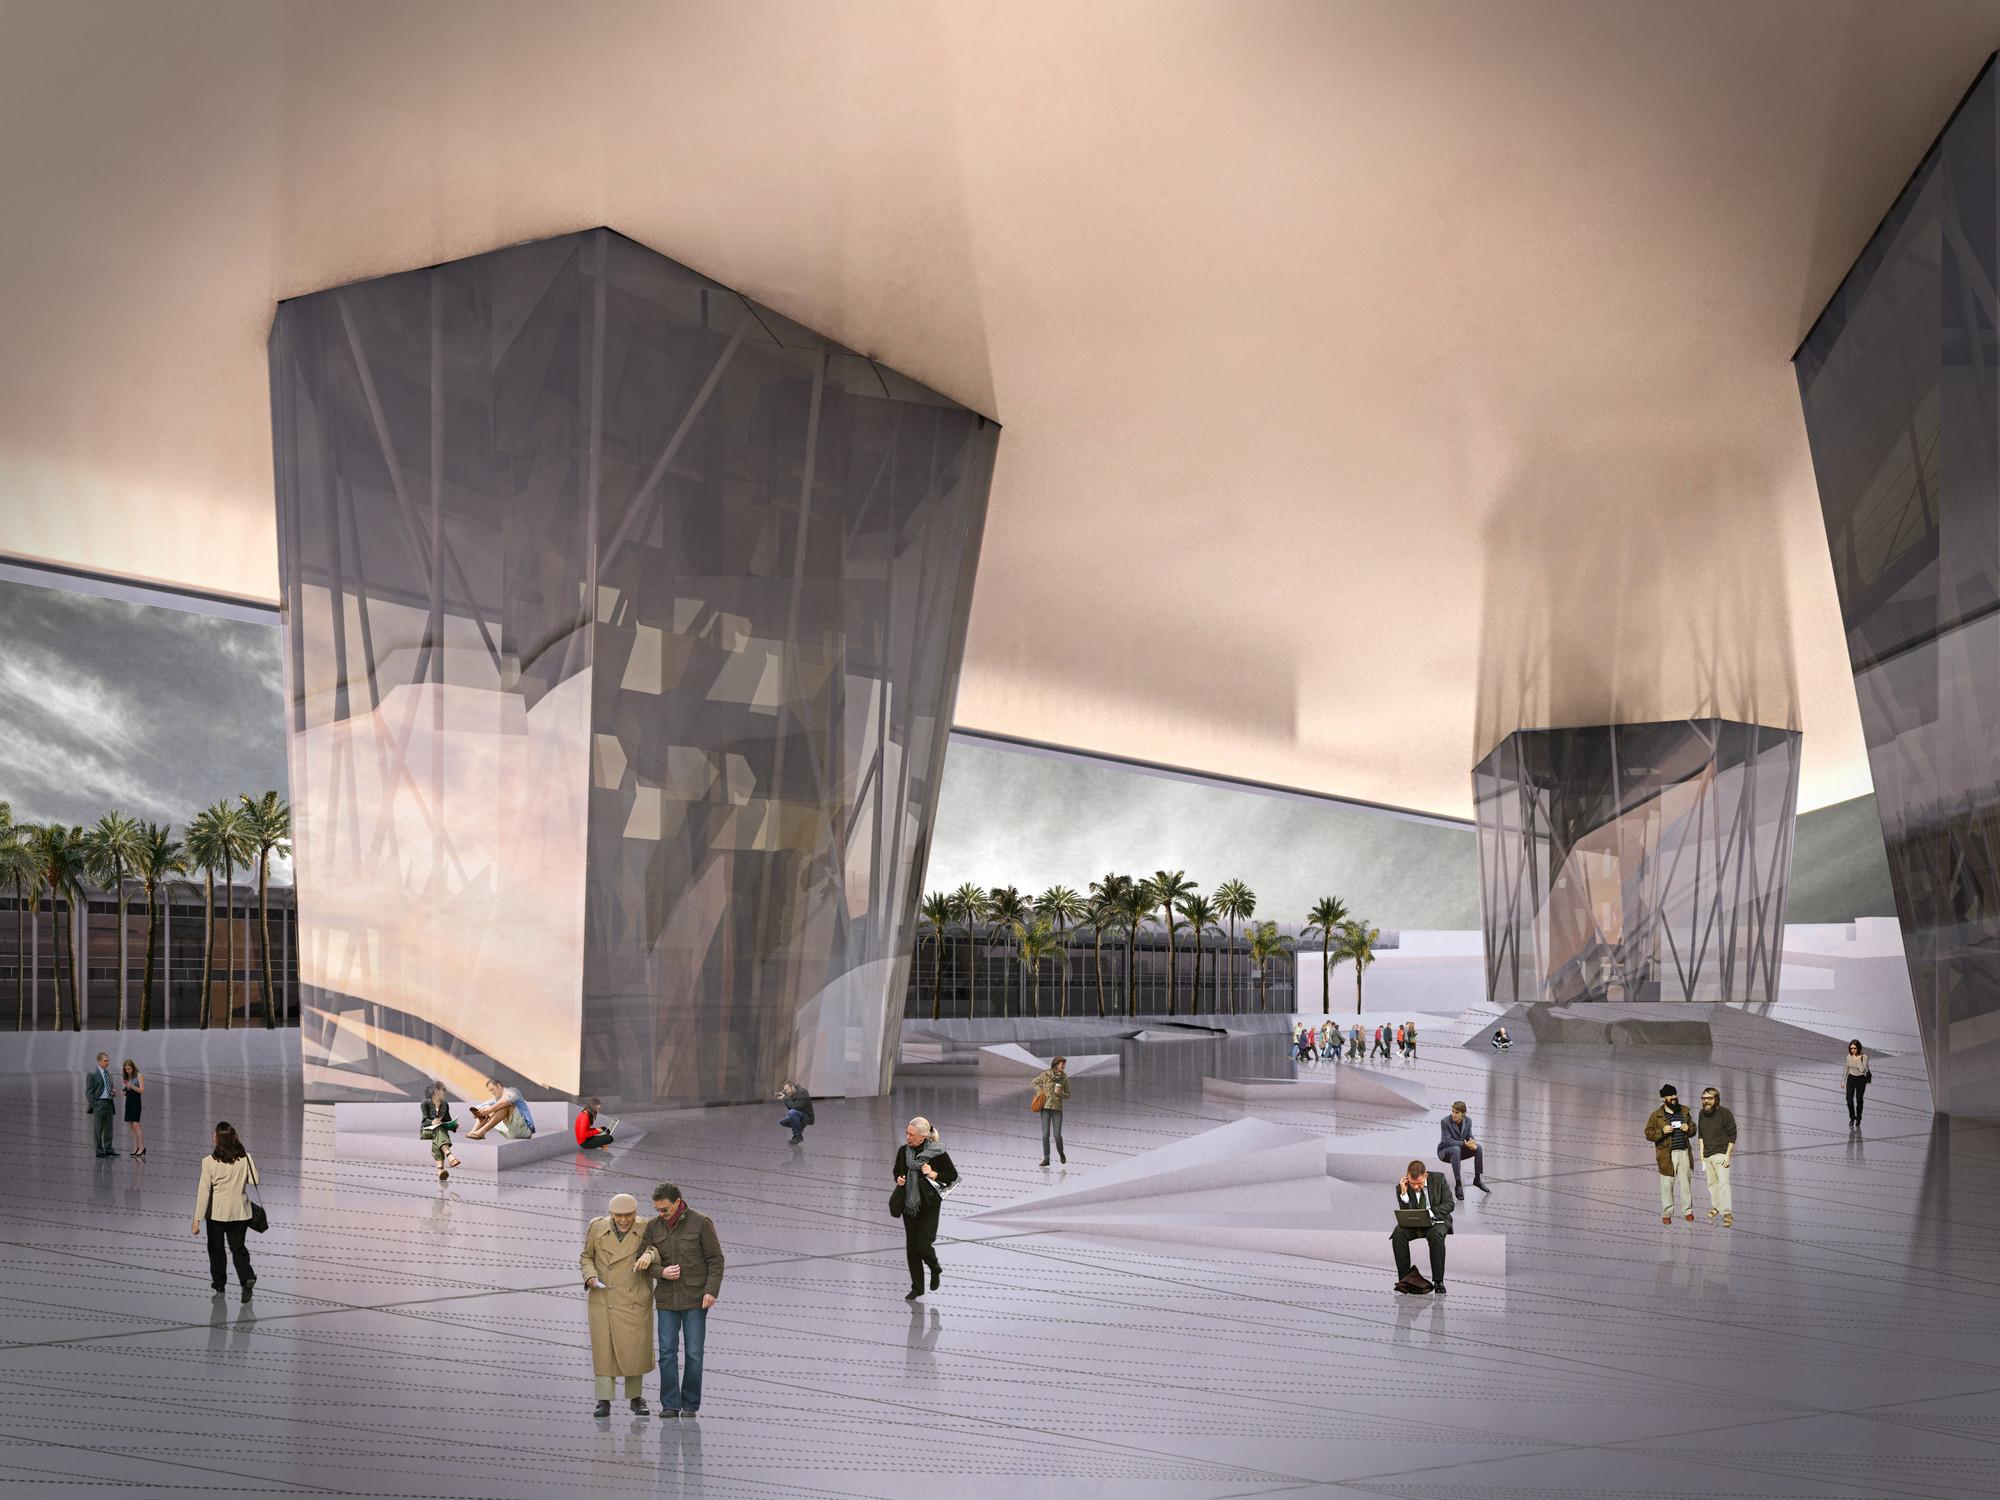 Primeiro Lugar no Concurso para o Centro Administrativo de Belo Horizonte / GPA&A , Praça coberta. Image Courtesy of GPA&A